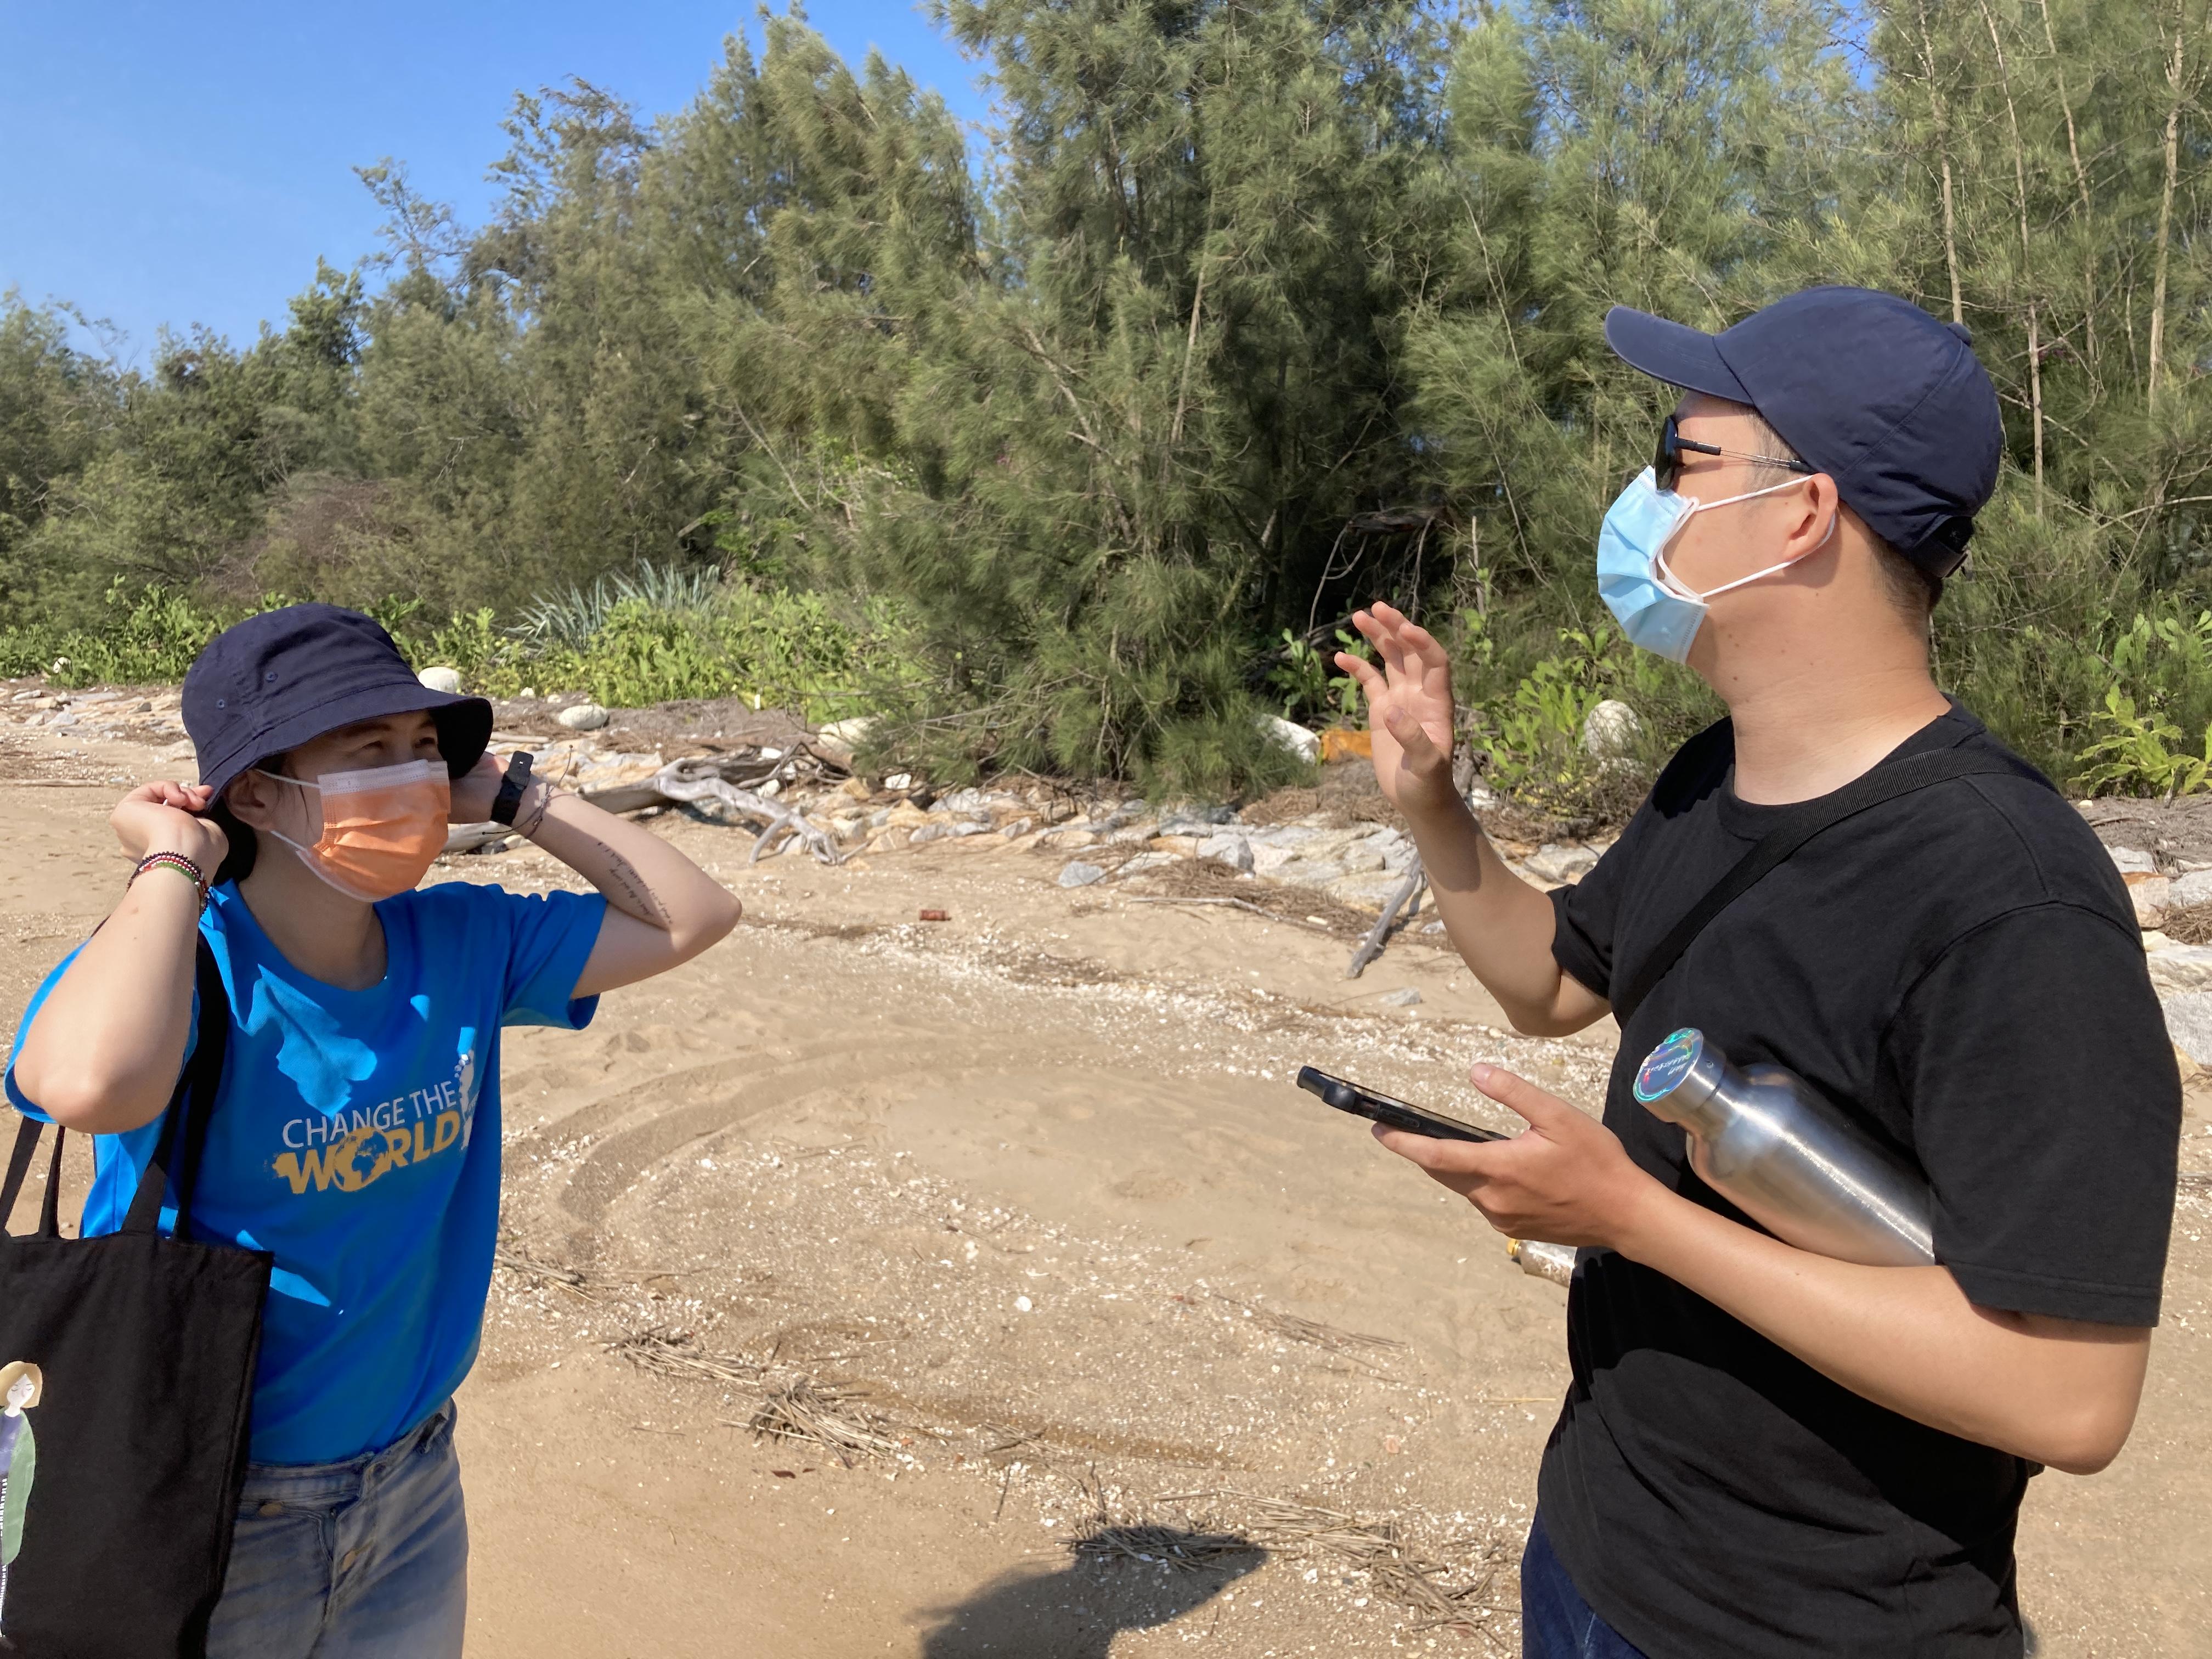 (圖二:花田戴著墨鏡,向我們講解選擇海灘的規則/攝影:宗洧)